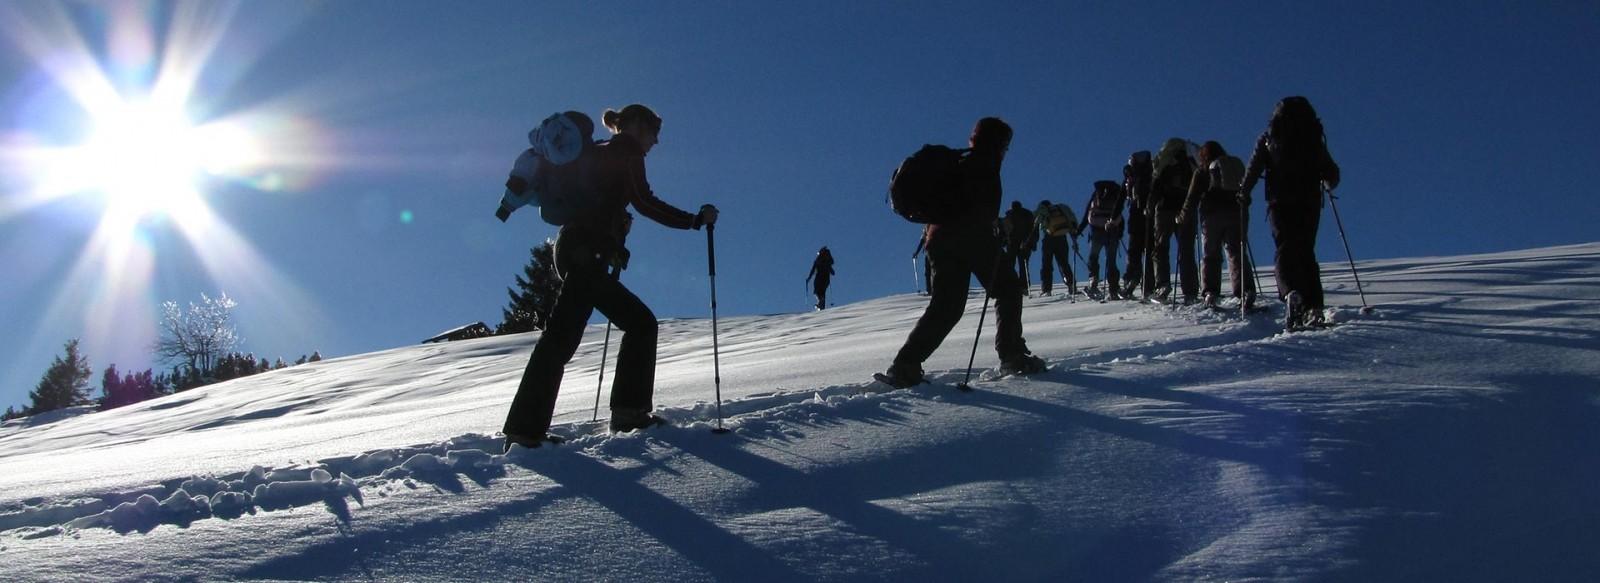 Winterferien im Karwendel in Krün und Wallgau - Winterurlaub